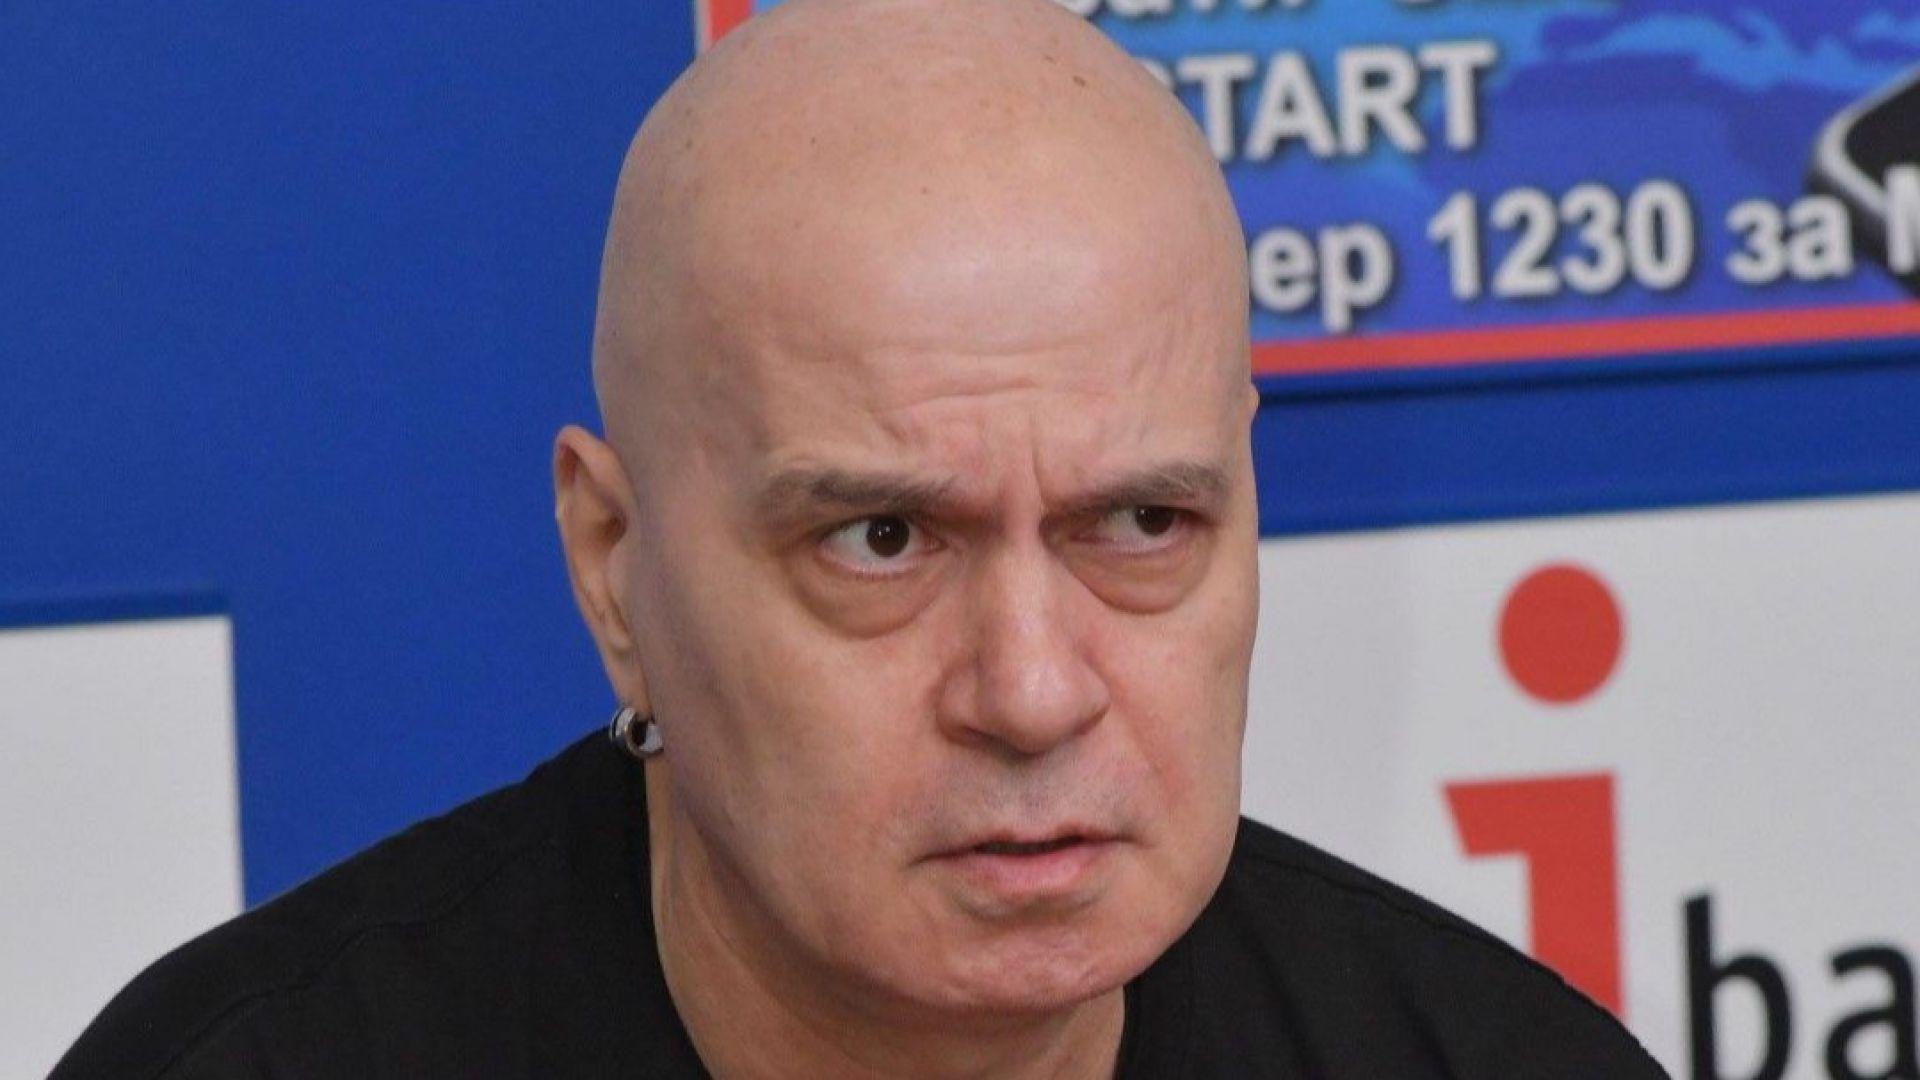 Борисов гостува в Шоуто на Слави, Цацаров, Манолова и Караянчева също